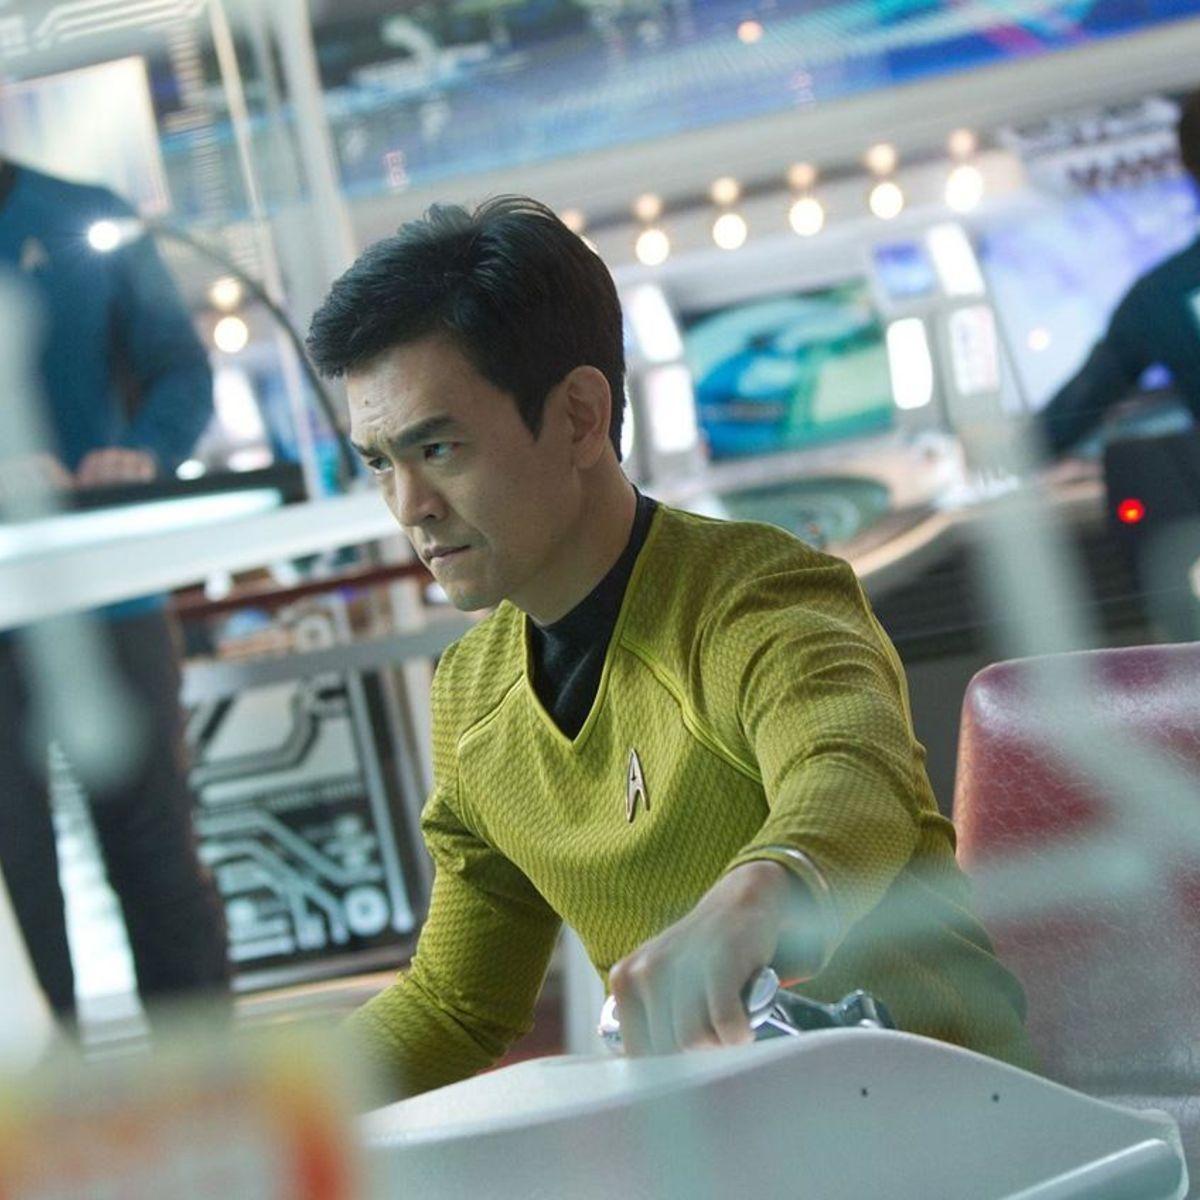 hr_Star_Trek_Into_Darkness_31.jpg